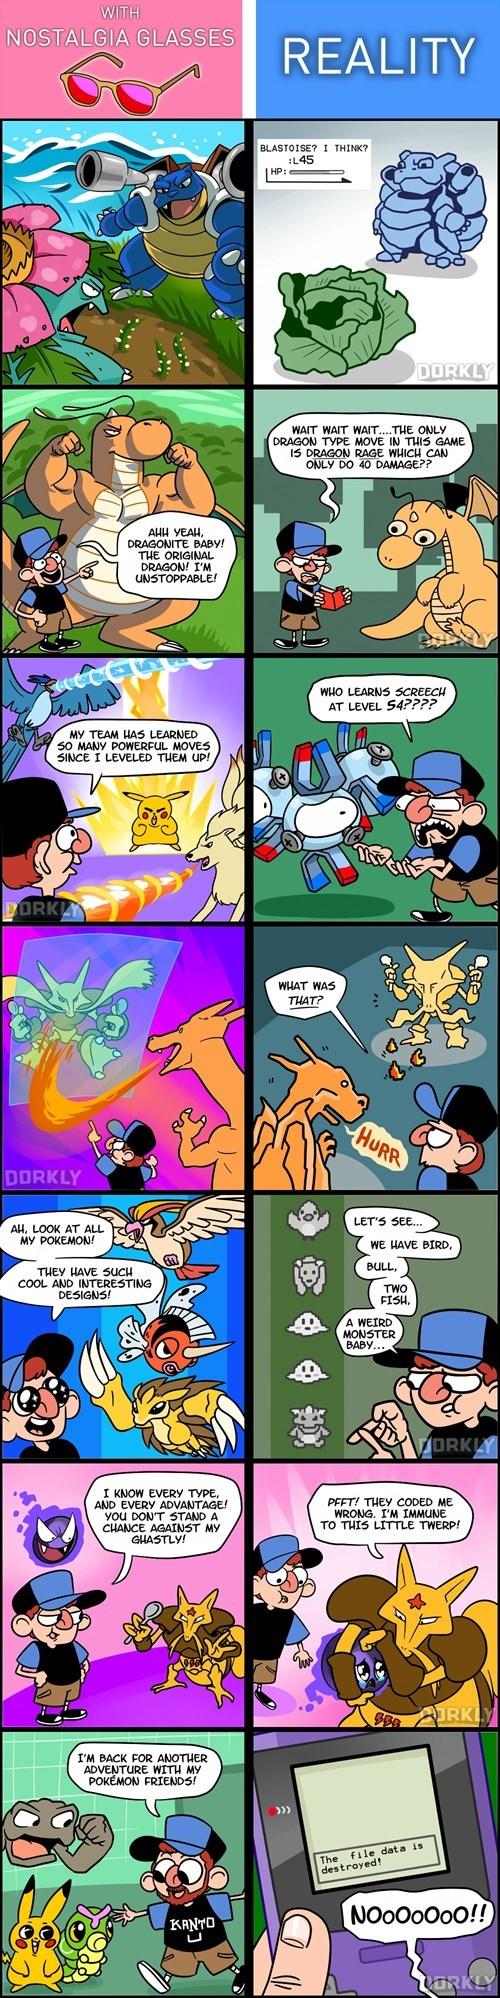 pokemon memes nostalgia glasses